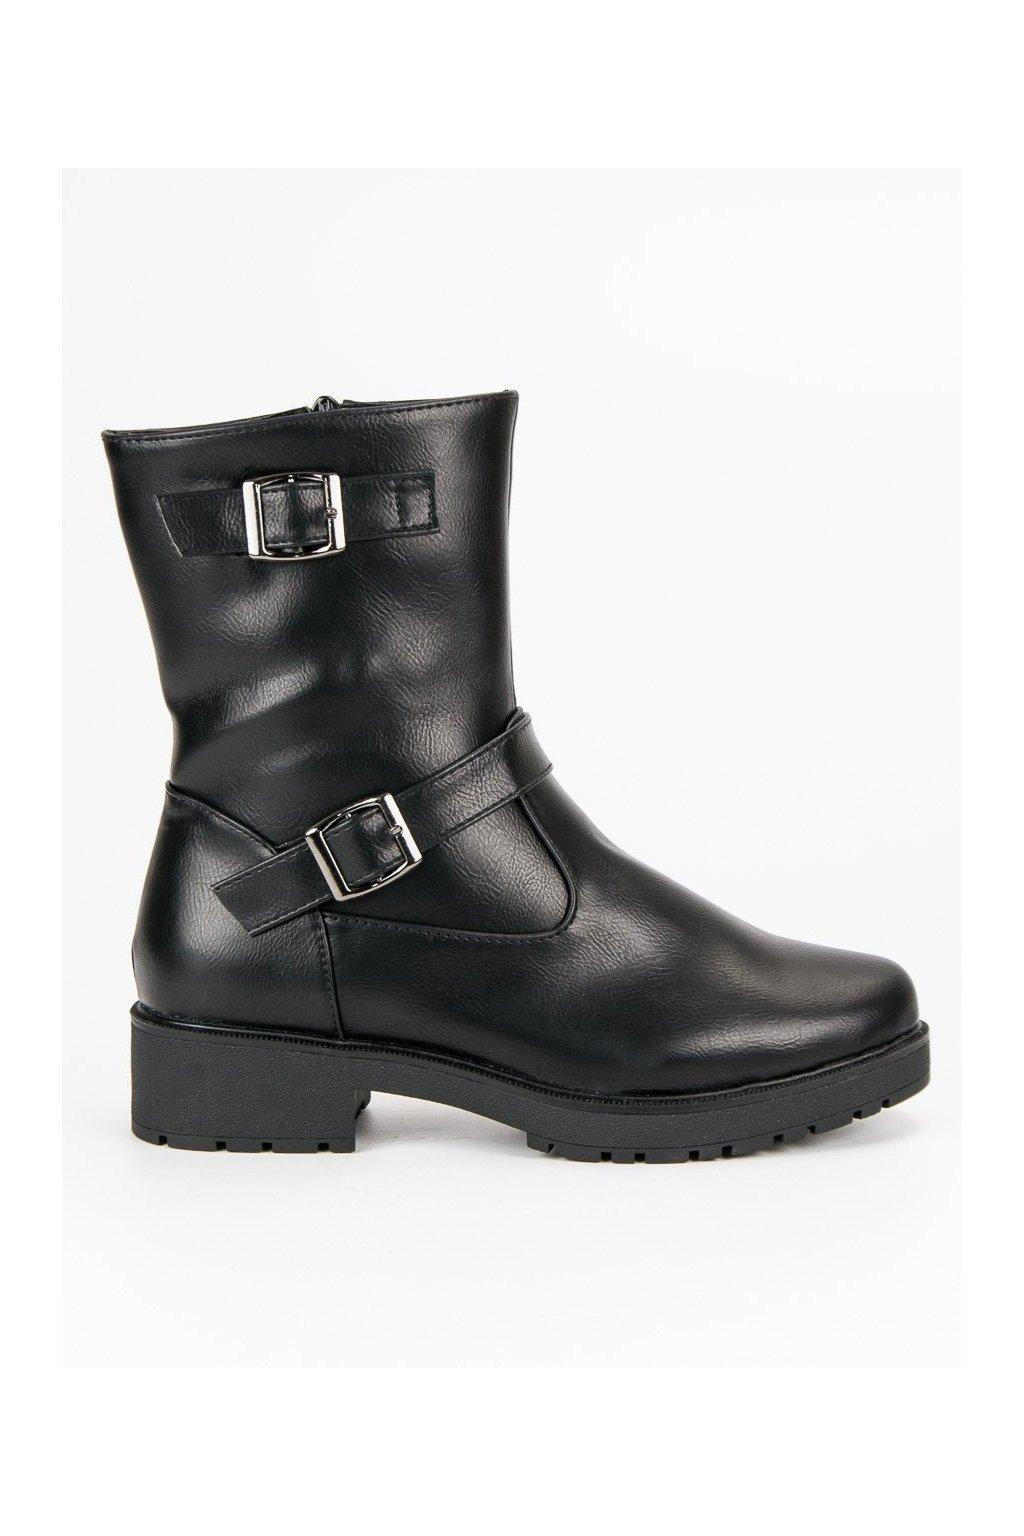 Čierne topánky workery zateplené